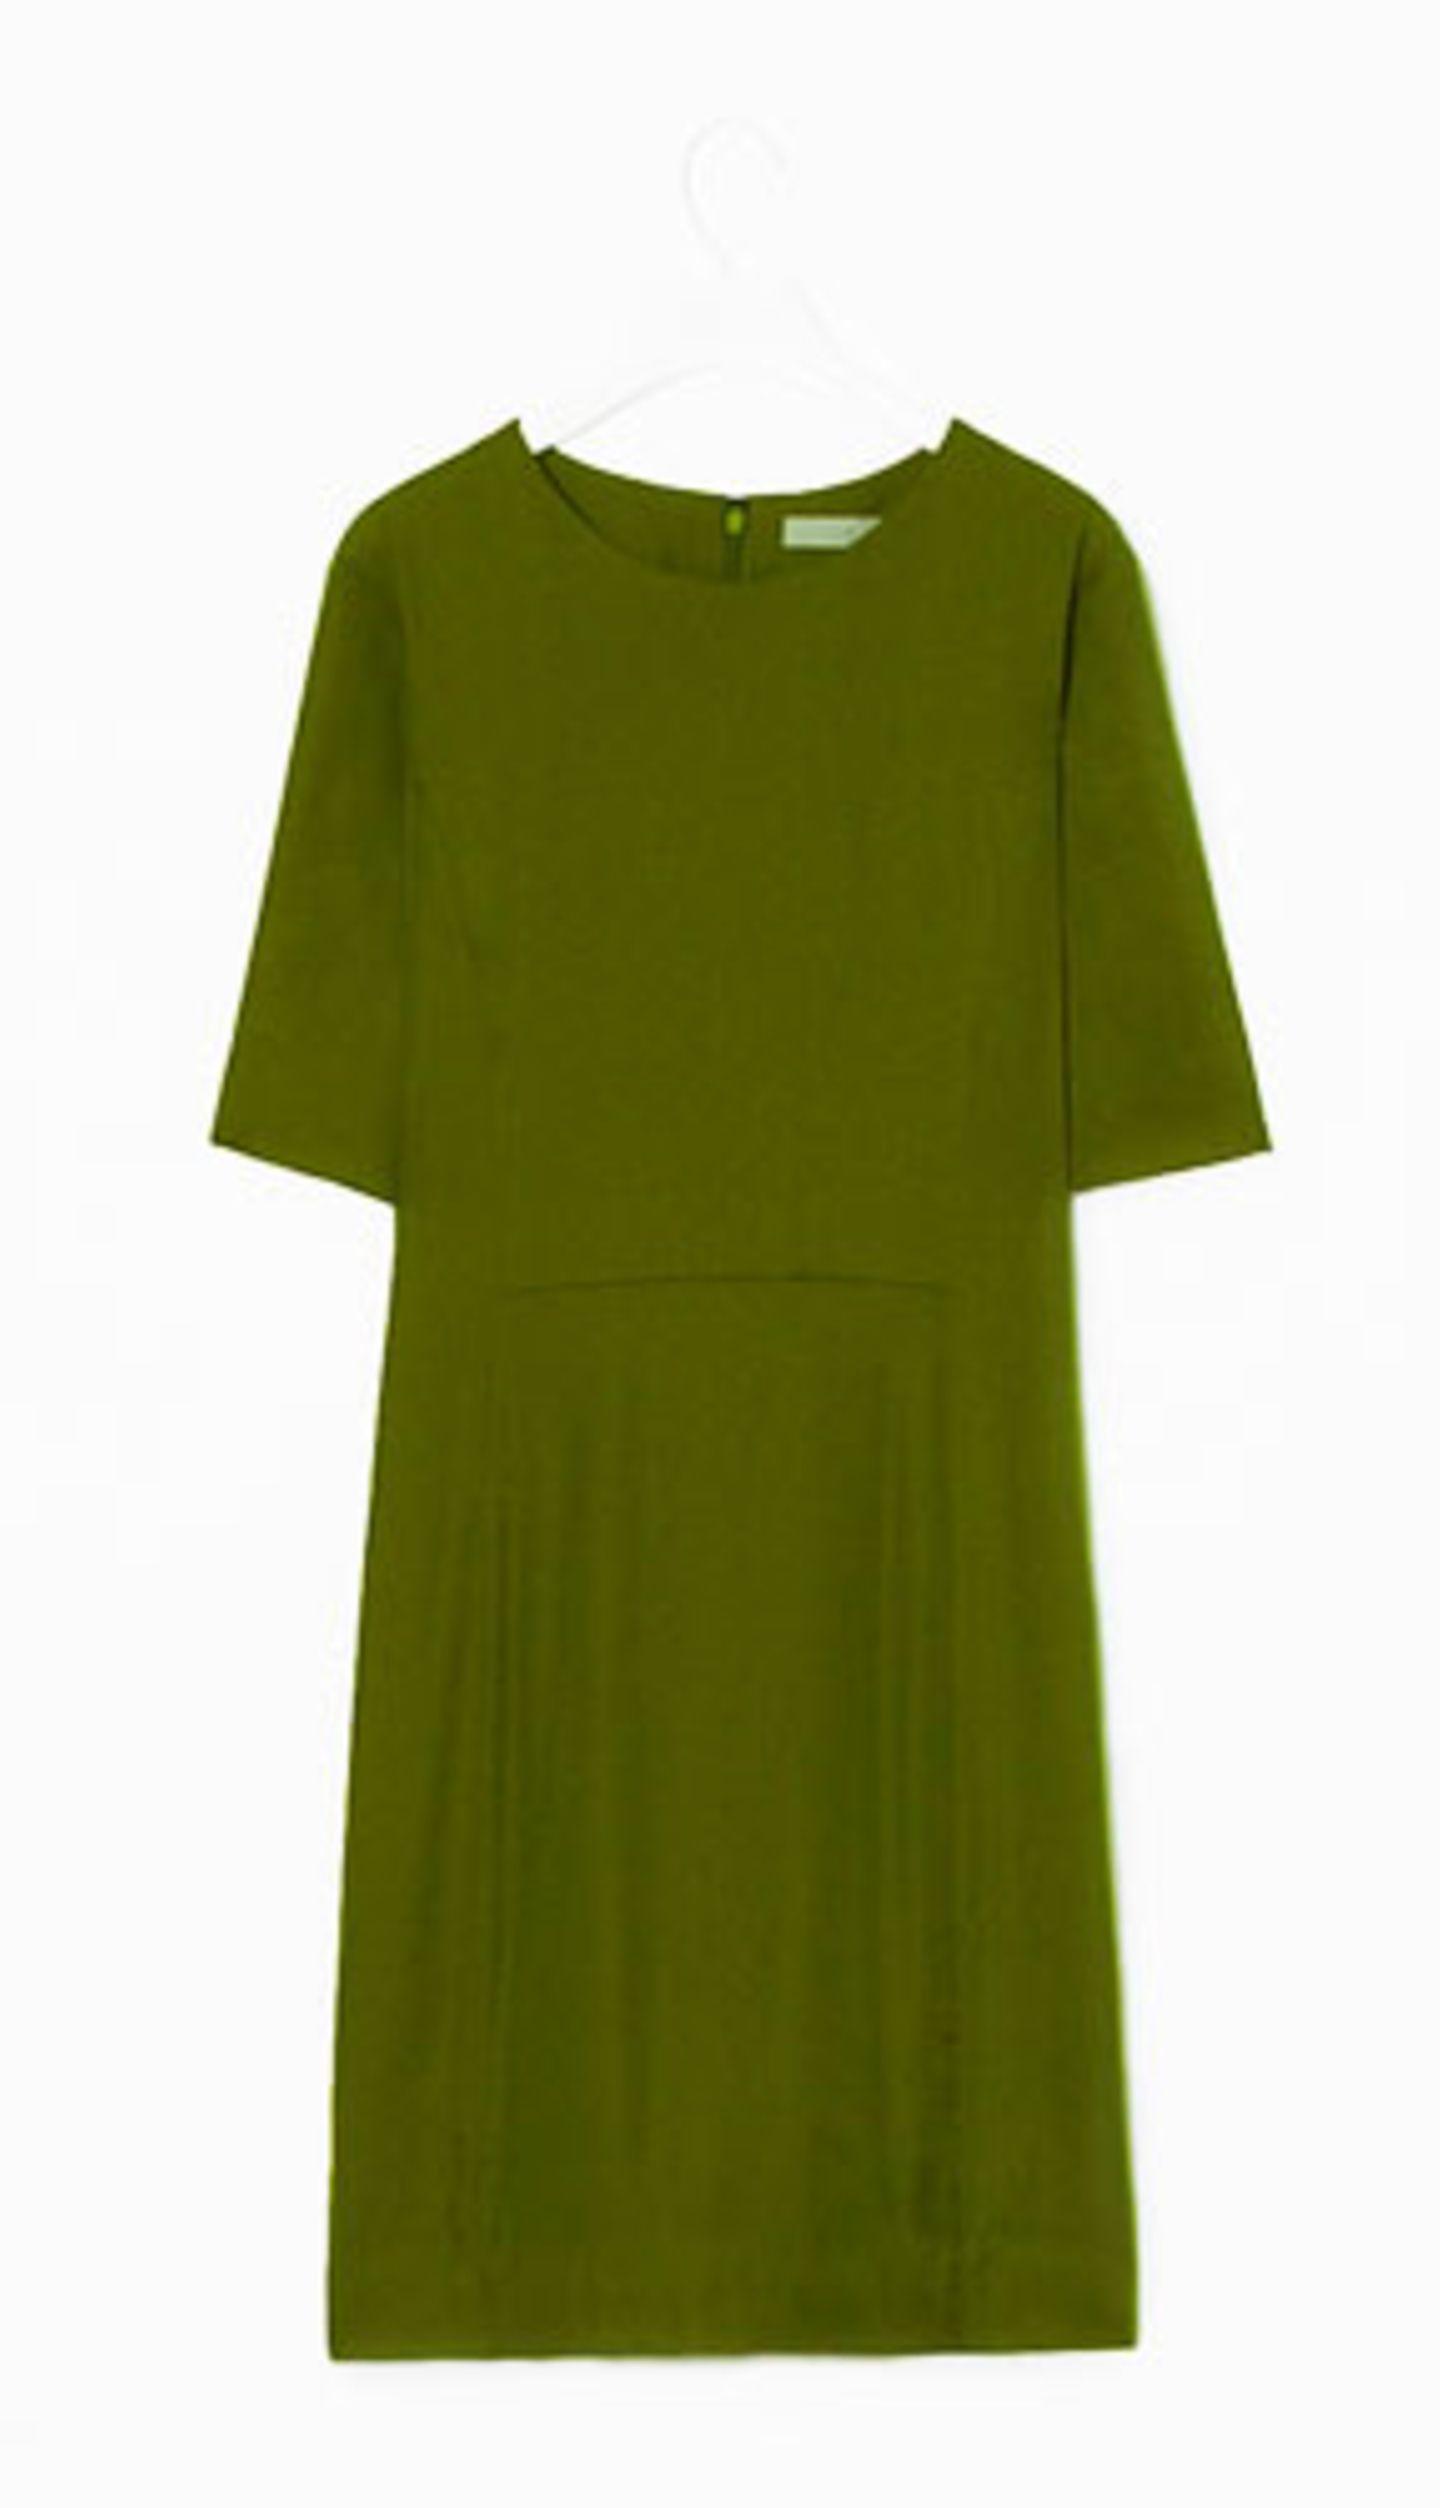 """Sommer-Accessoires: """"Grün grün grün sind alle meine Kleider..."""" Auch wenn Ihr Schatz kein Jäger ist, werden Sie in diesem knielangen, leicht tailliertem Kleid aus Jersey überall eine gute Figur machen. Von Cos, um 79 Euro."""